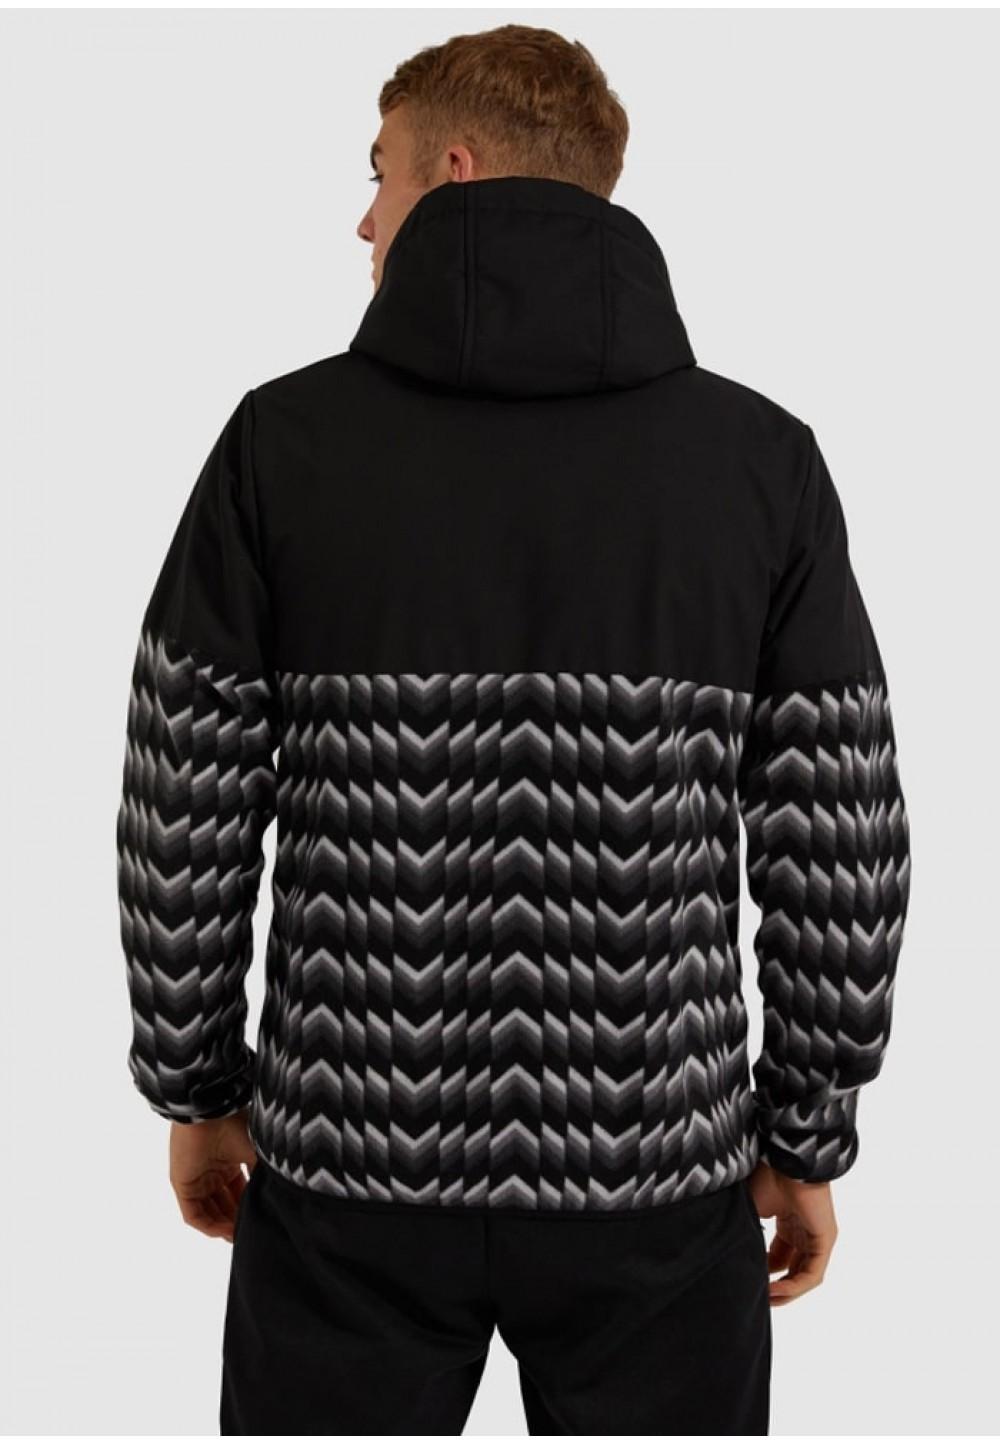 Стильная мужская куртка с принтом